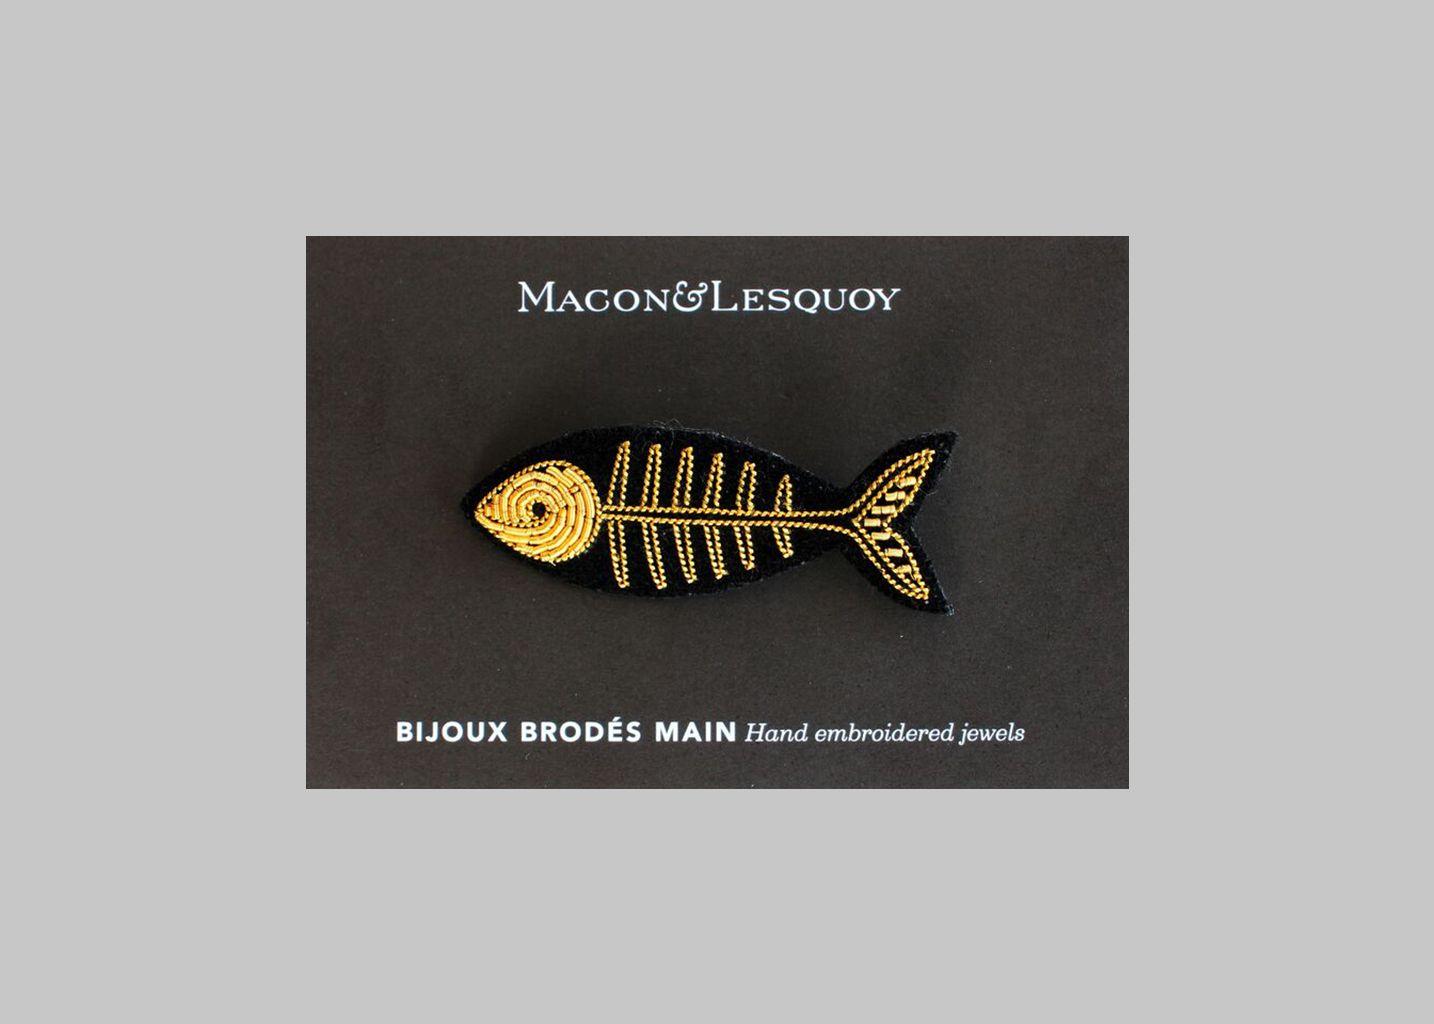 Broche Poisson - Macon & Lesquoy